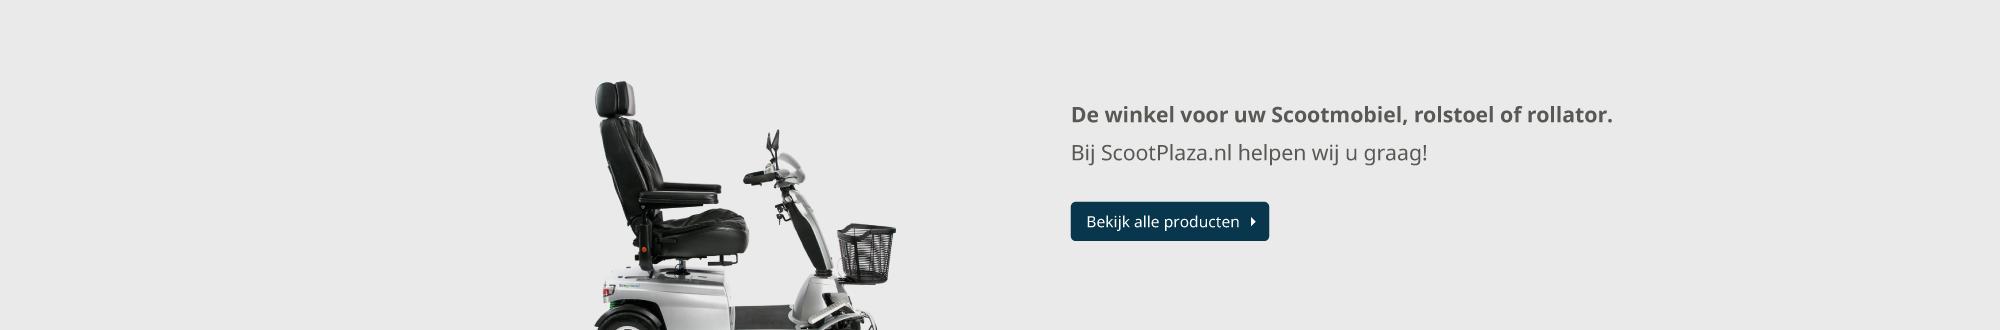 scootmobielen rolstoelen rollators en meer .. Scootplaza banner 1